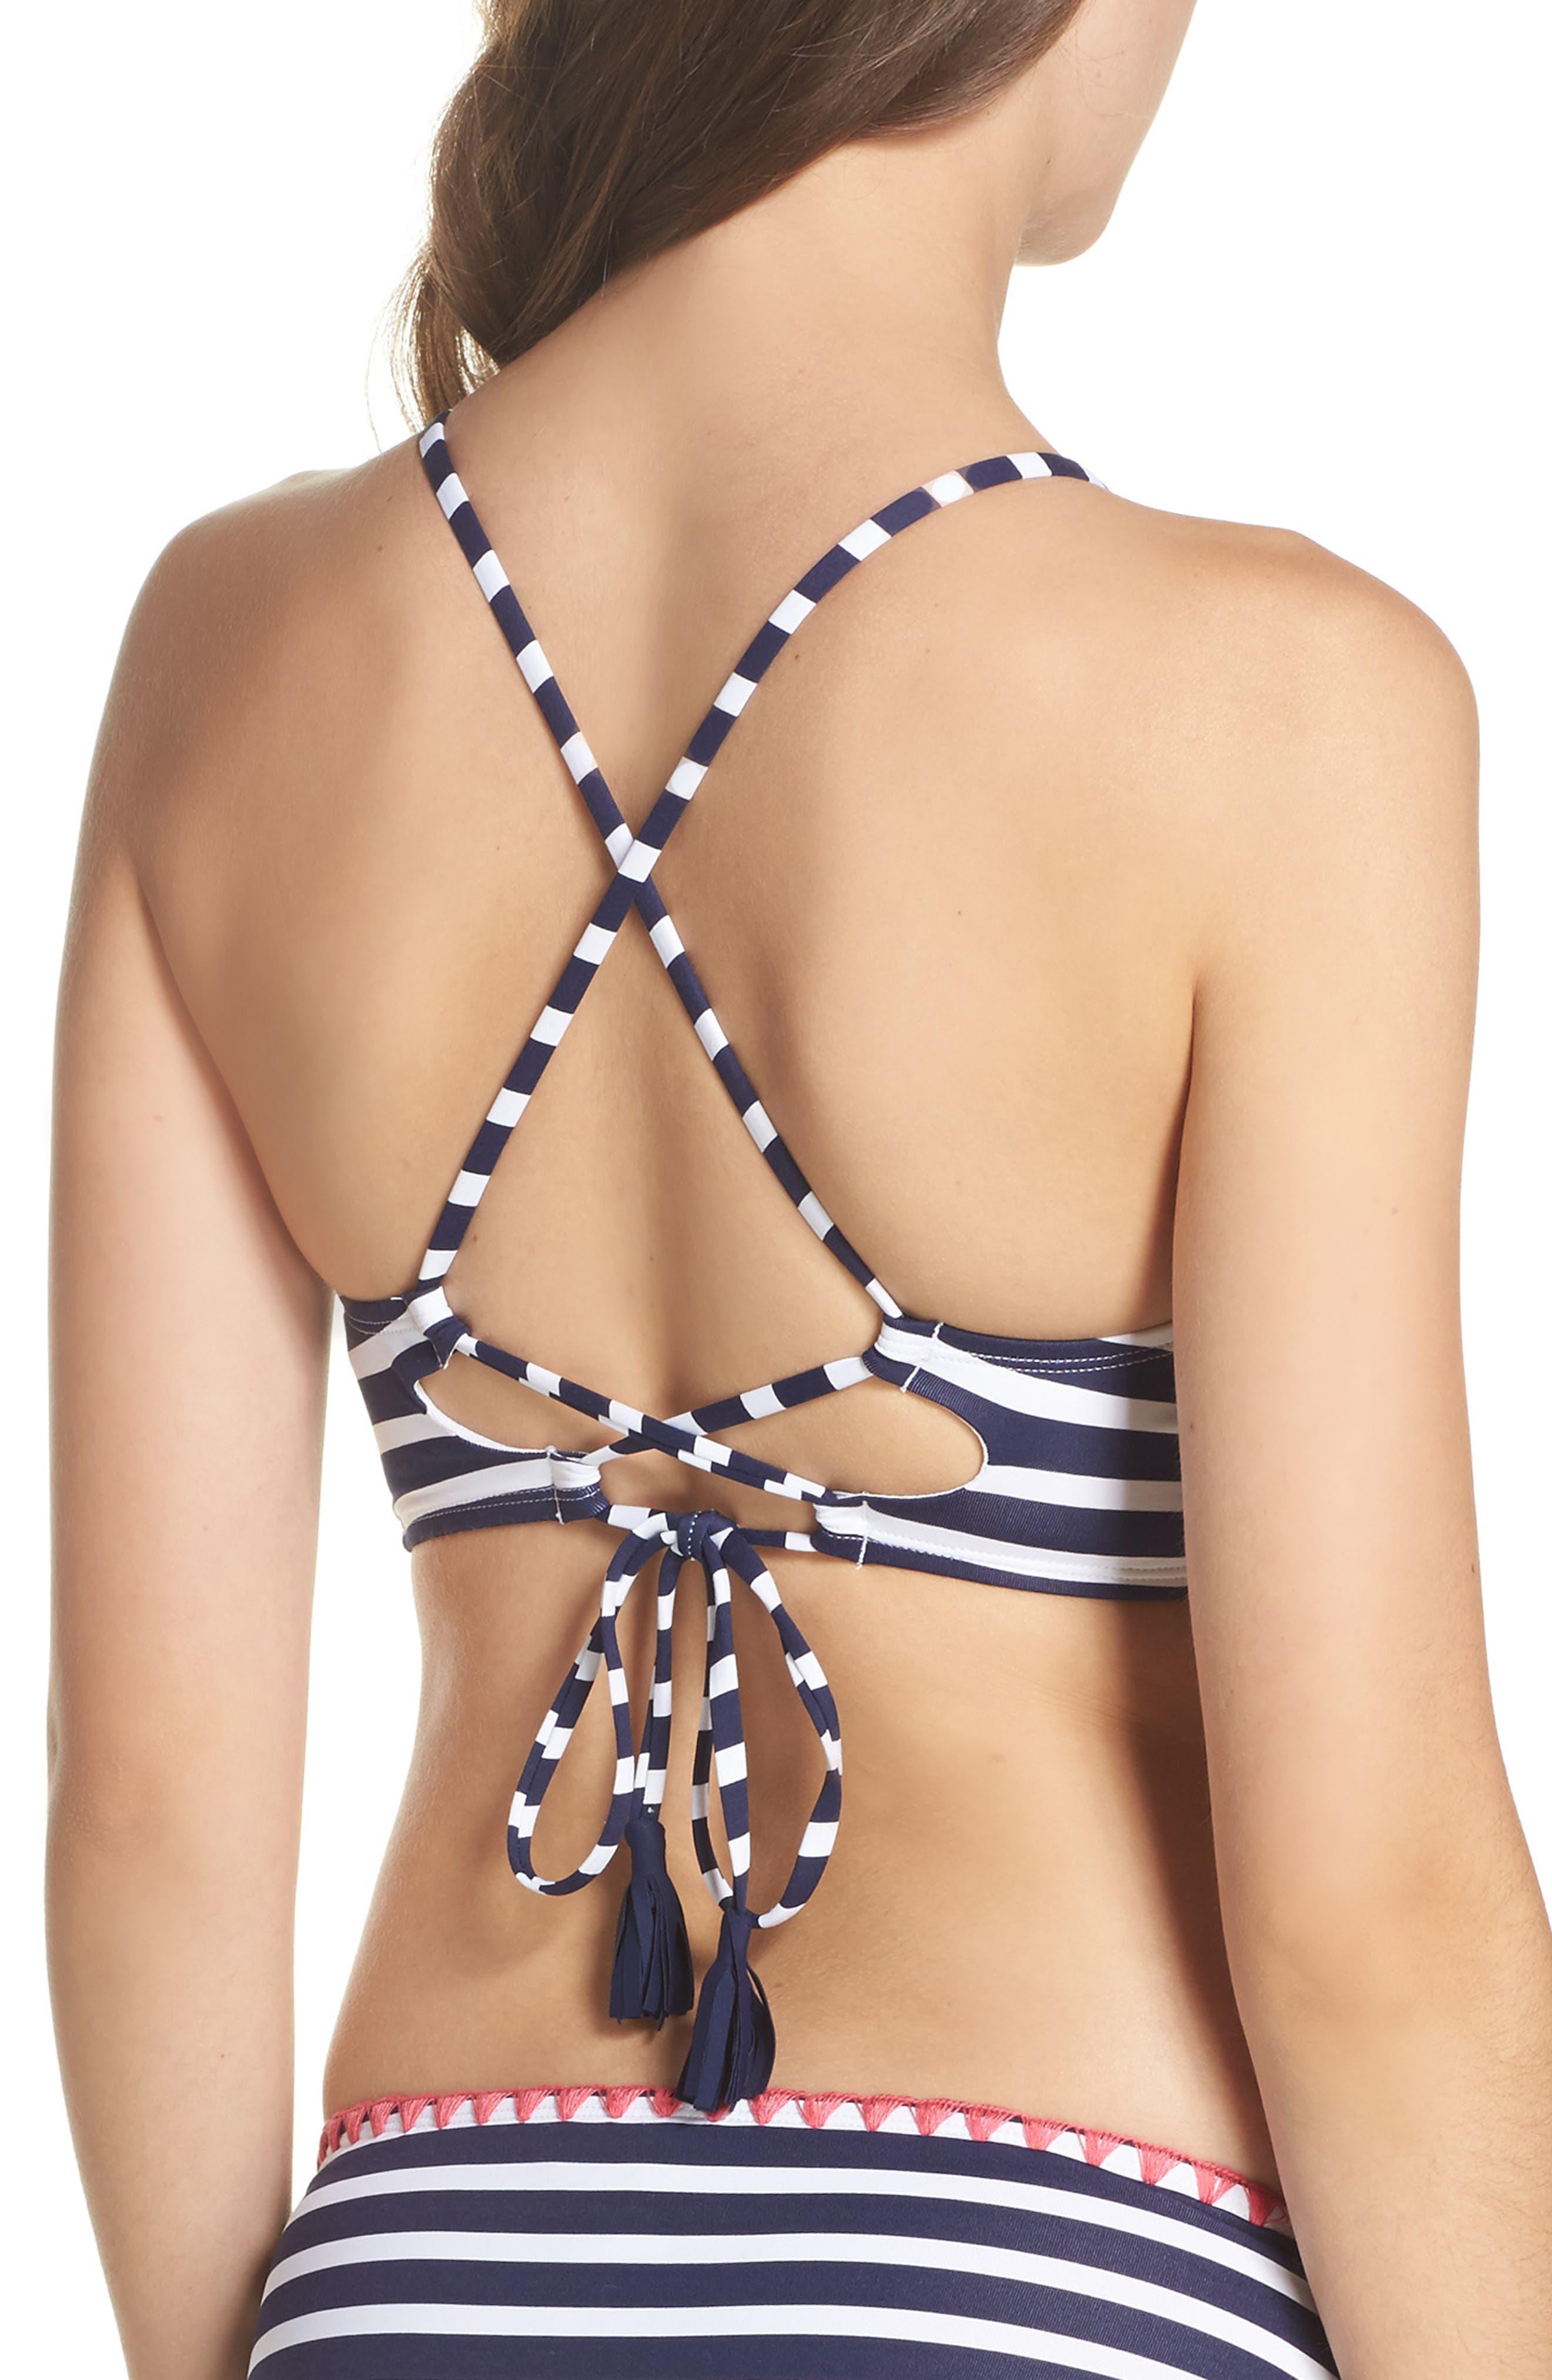 TOMMY BAHAMA,                             Breton Stripe Bikini Top,                             Alternate thumbnail 2, color,                             400